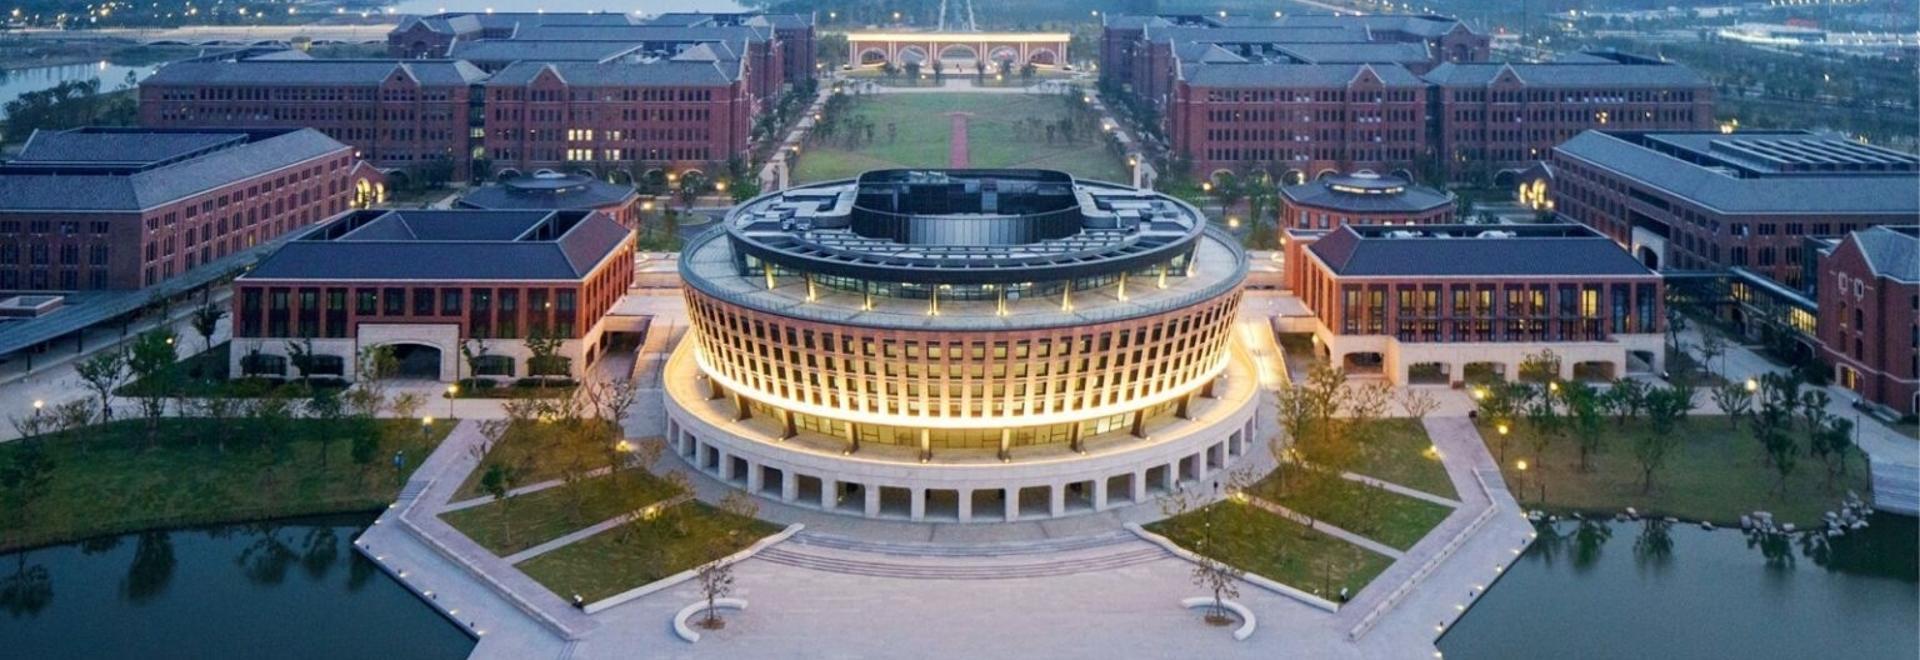 Campus international de l'Université du Zhejiang par l'UAD